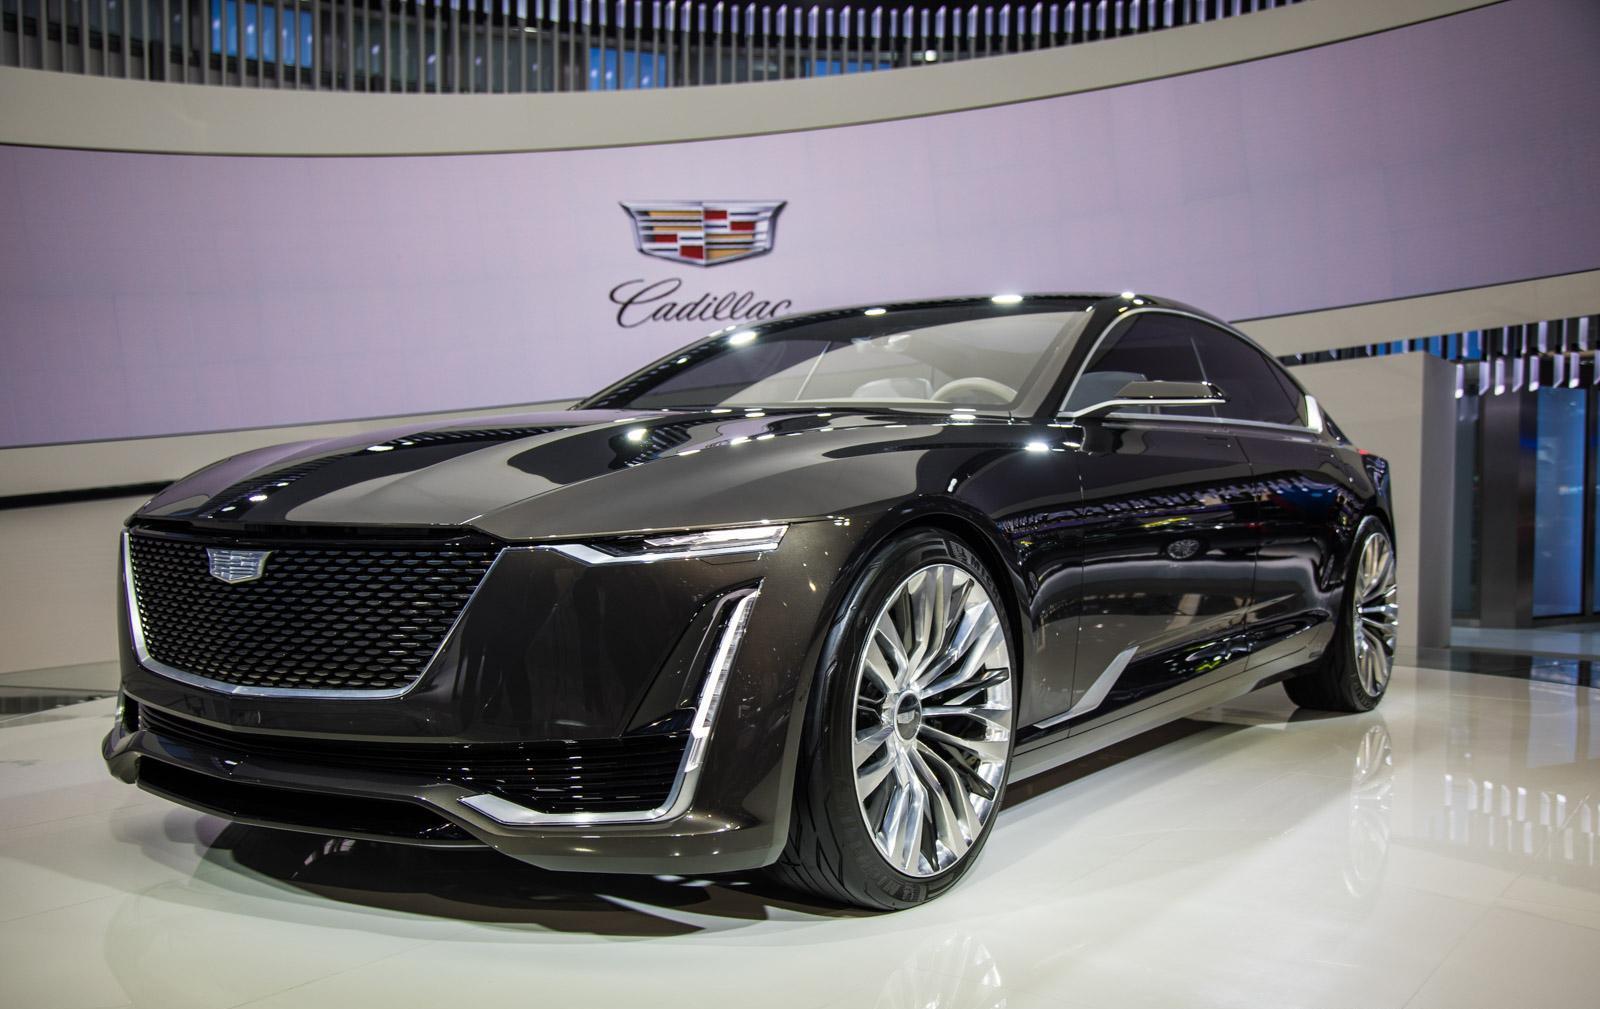 Cadillac-Escala-Concept-002